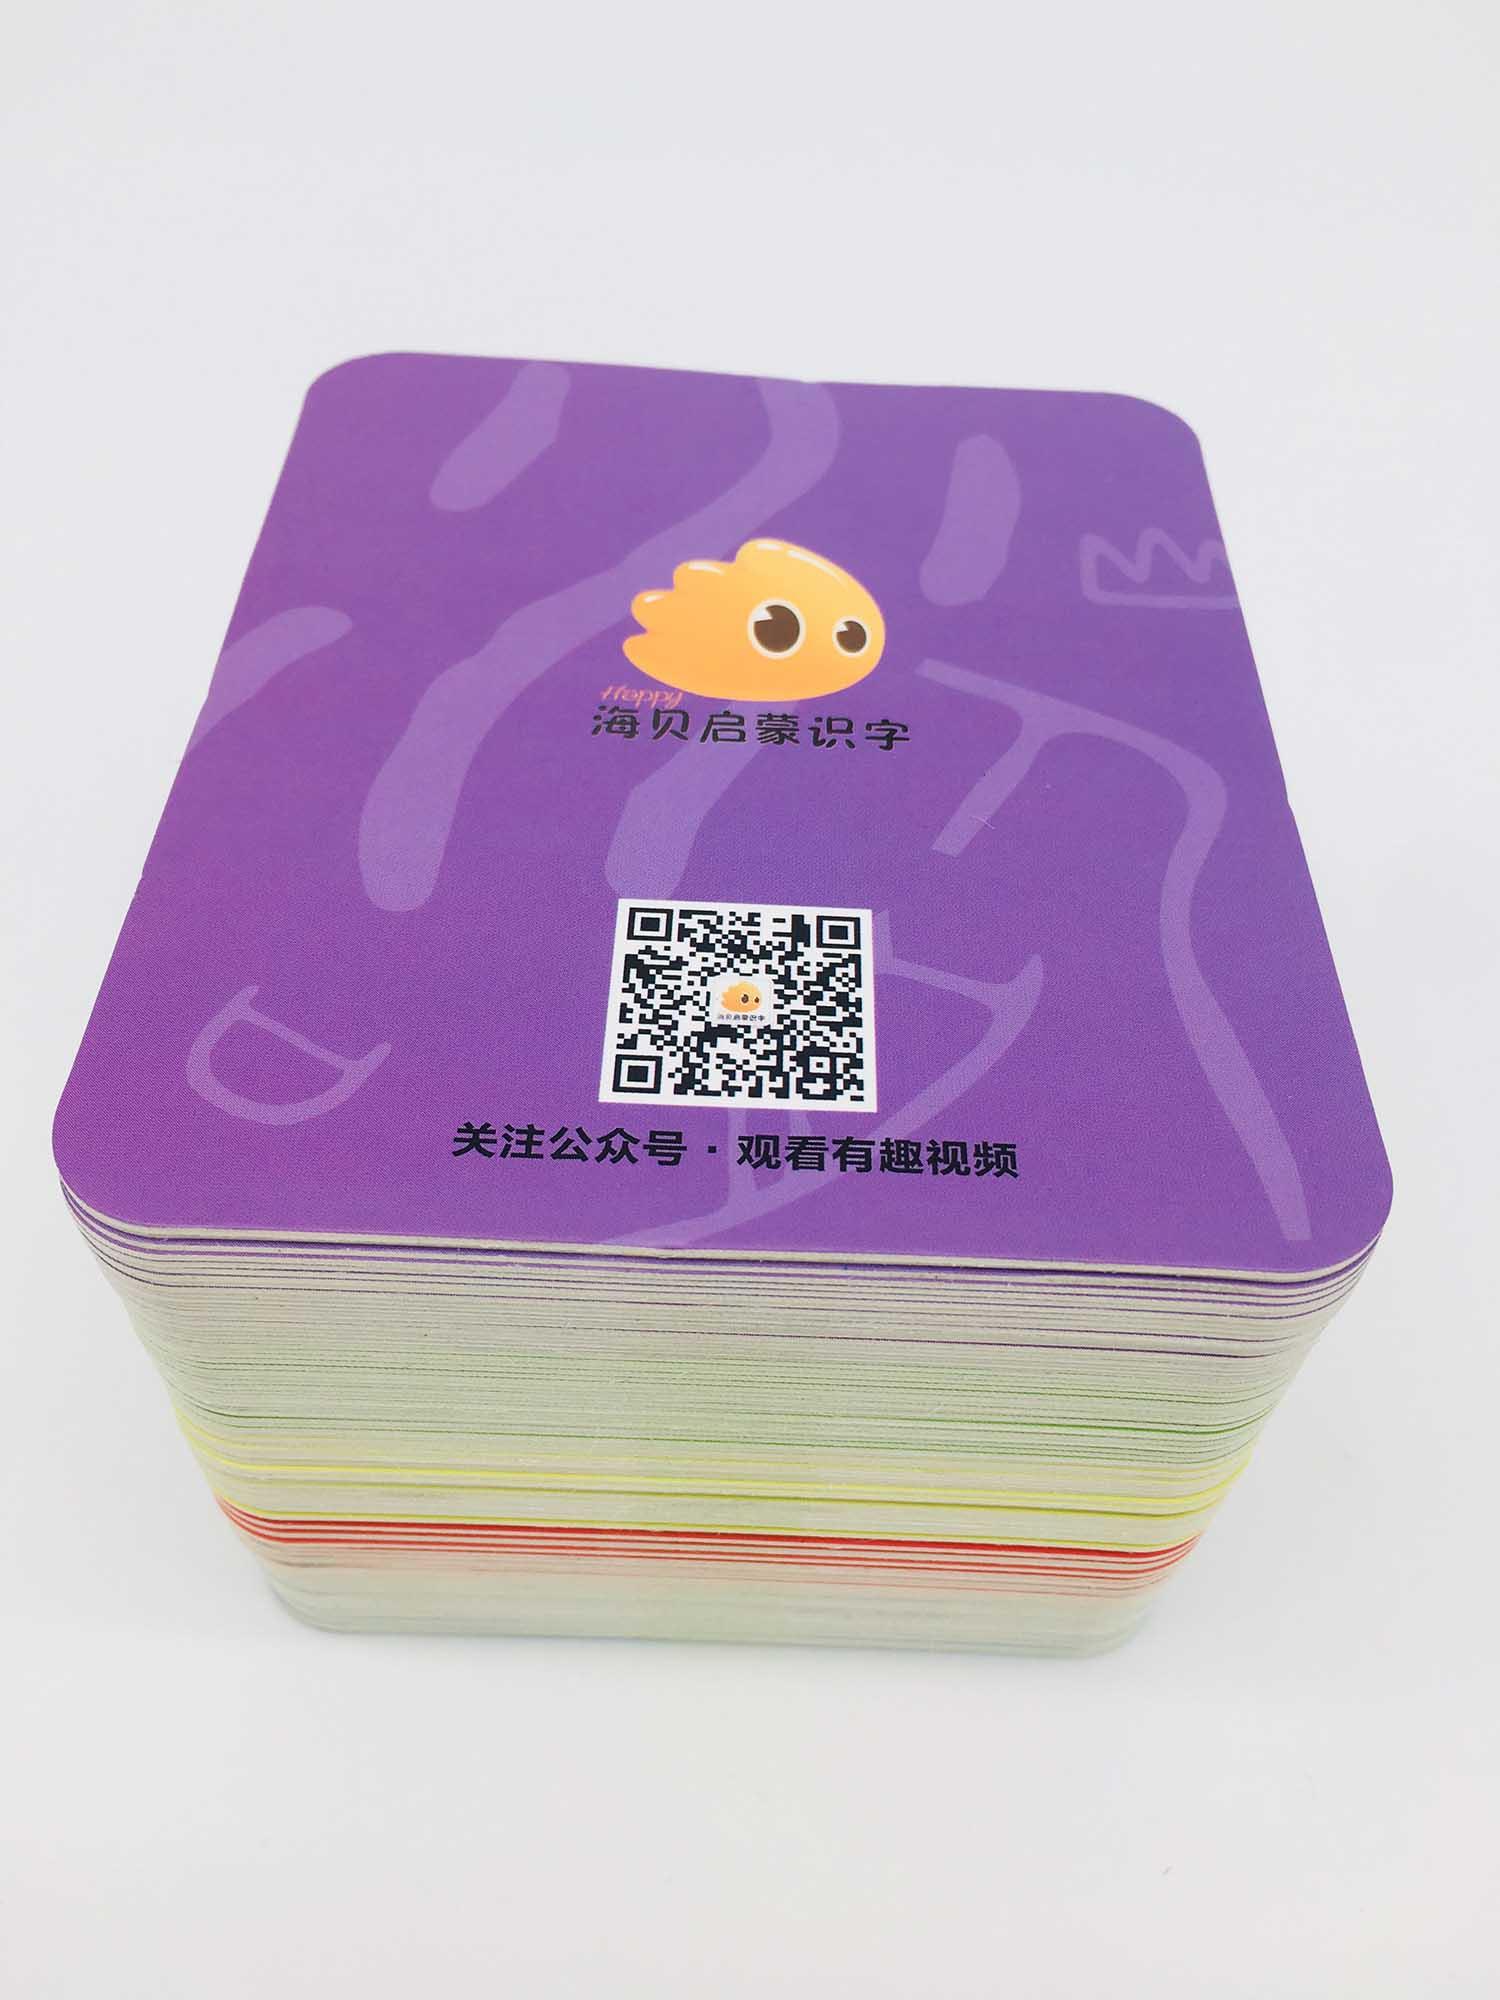 梁子湖产品宣传册印刷